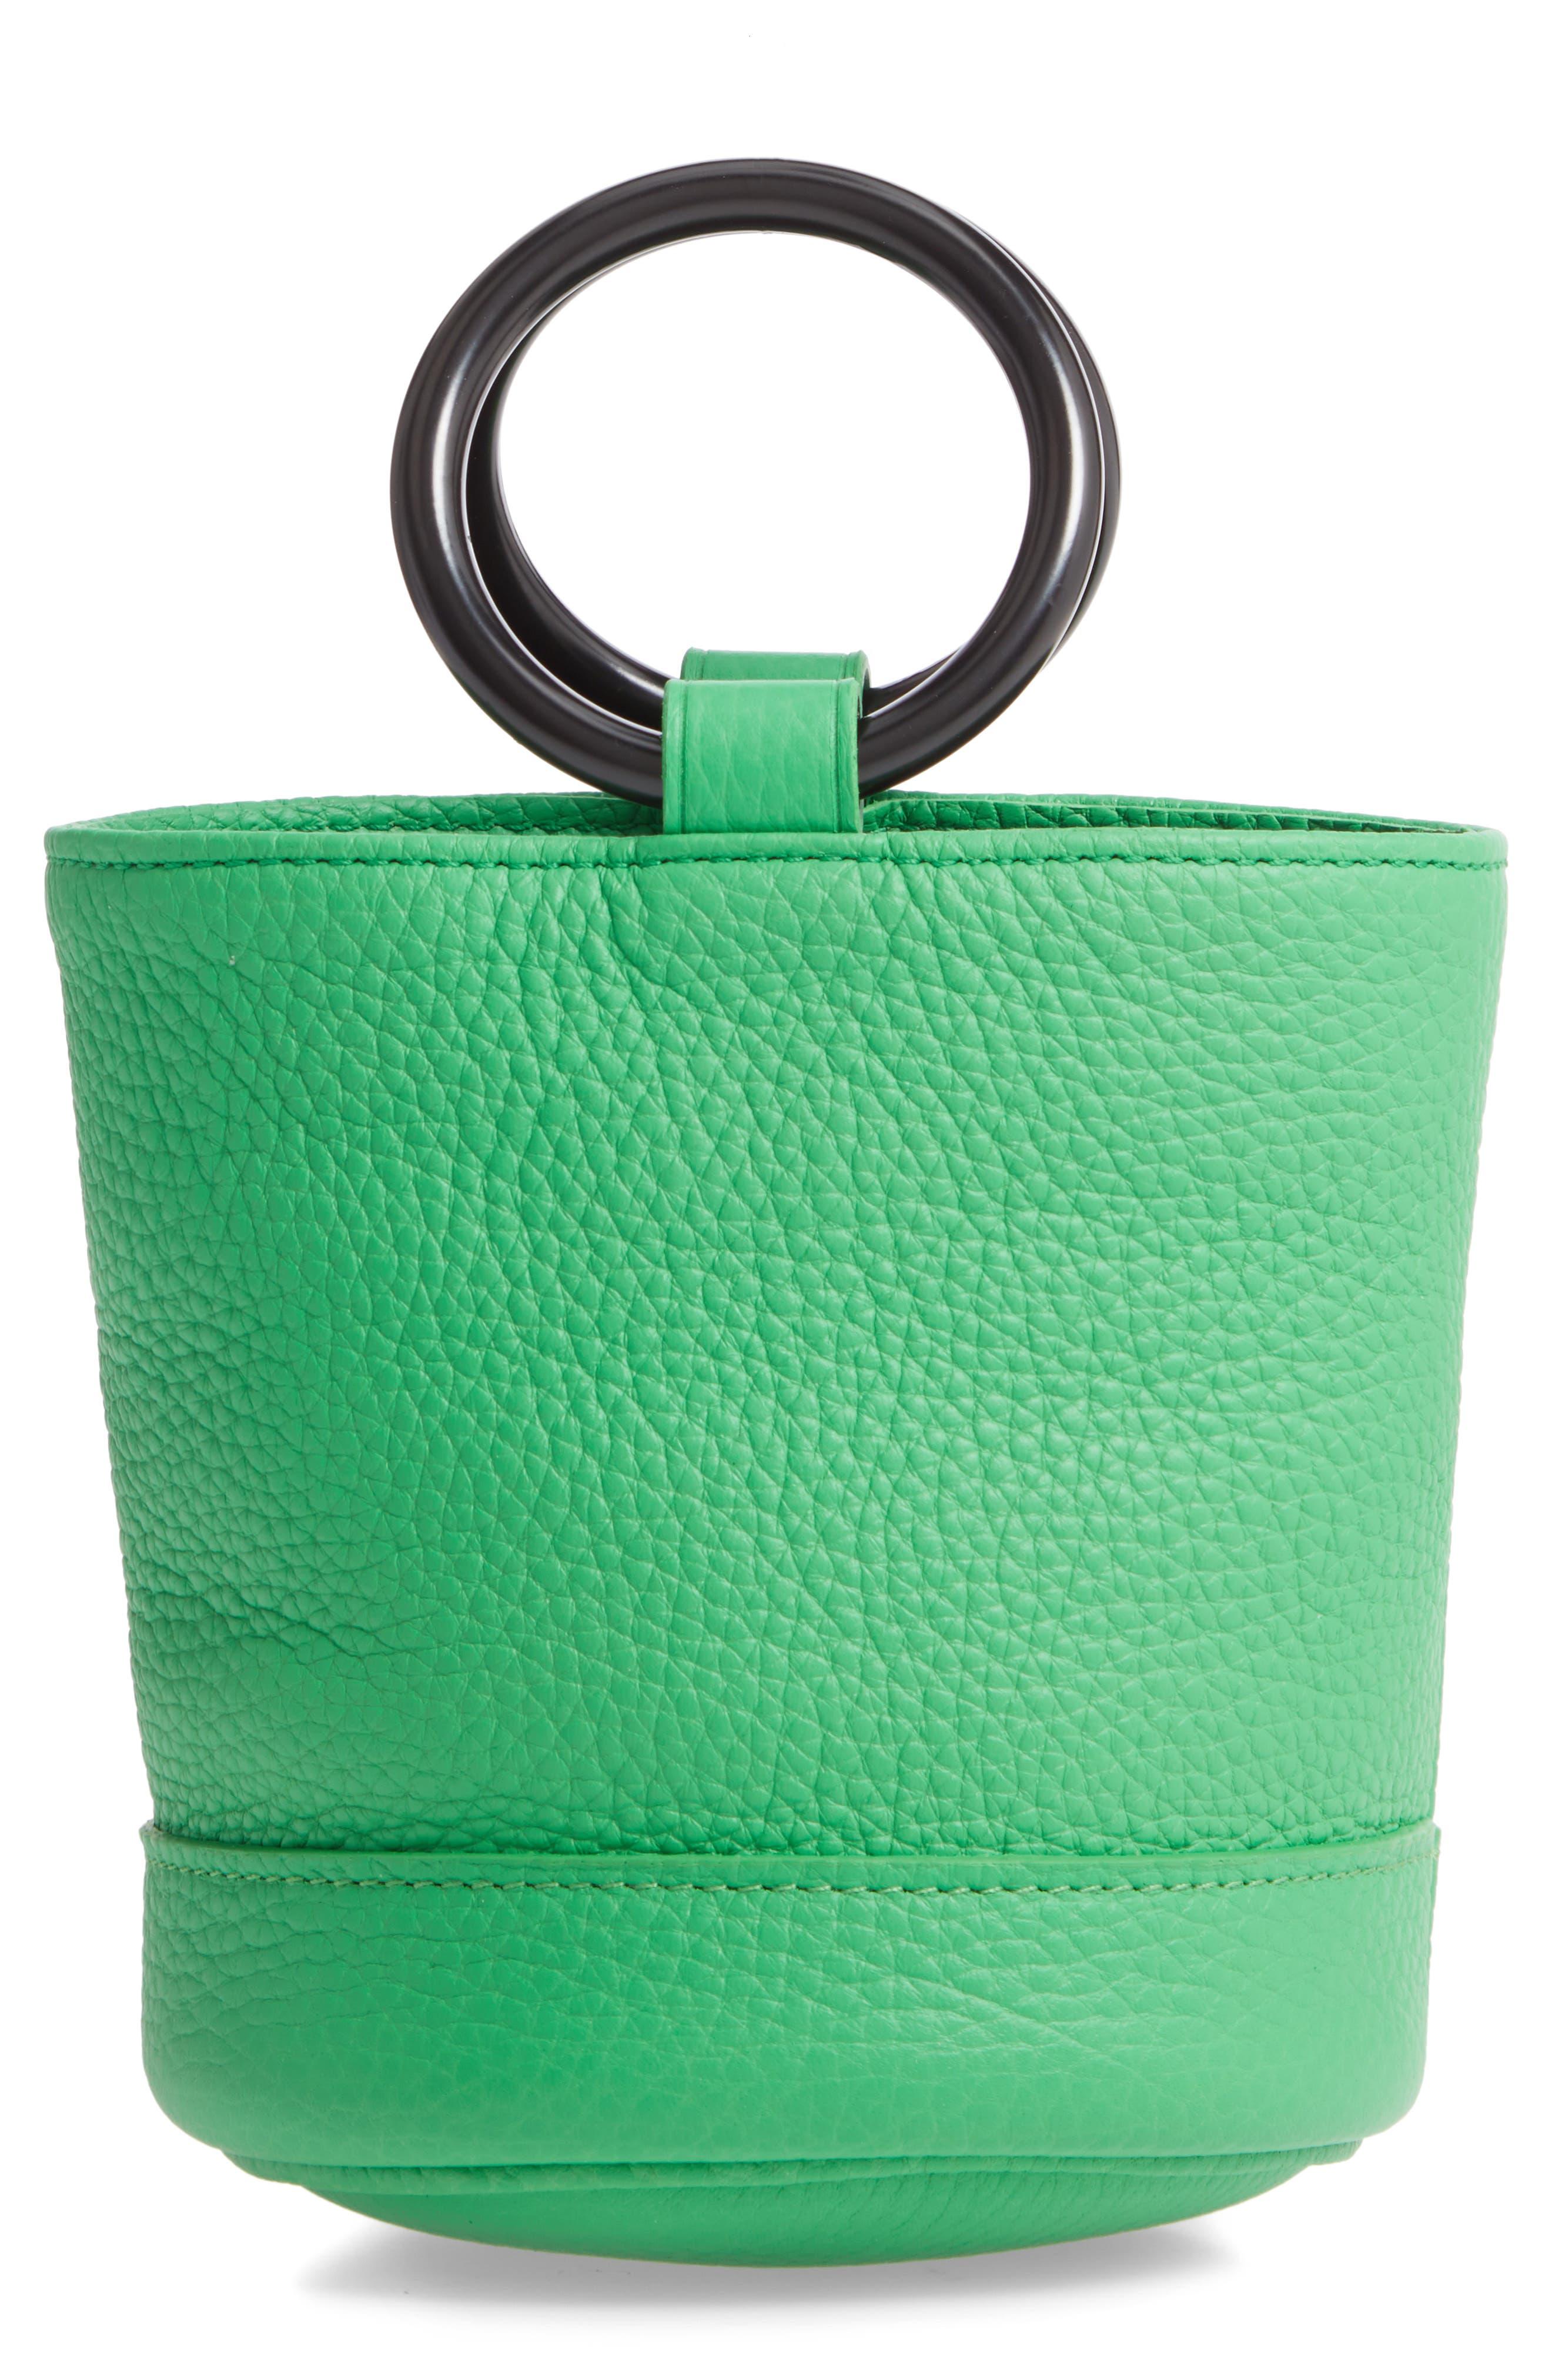 SIMON MILLER Bonsai 15 Calfskin Leather Bucket Bag, Main, color, NEON GREEN